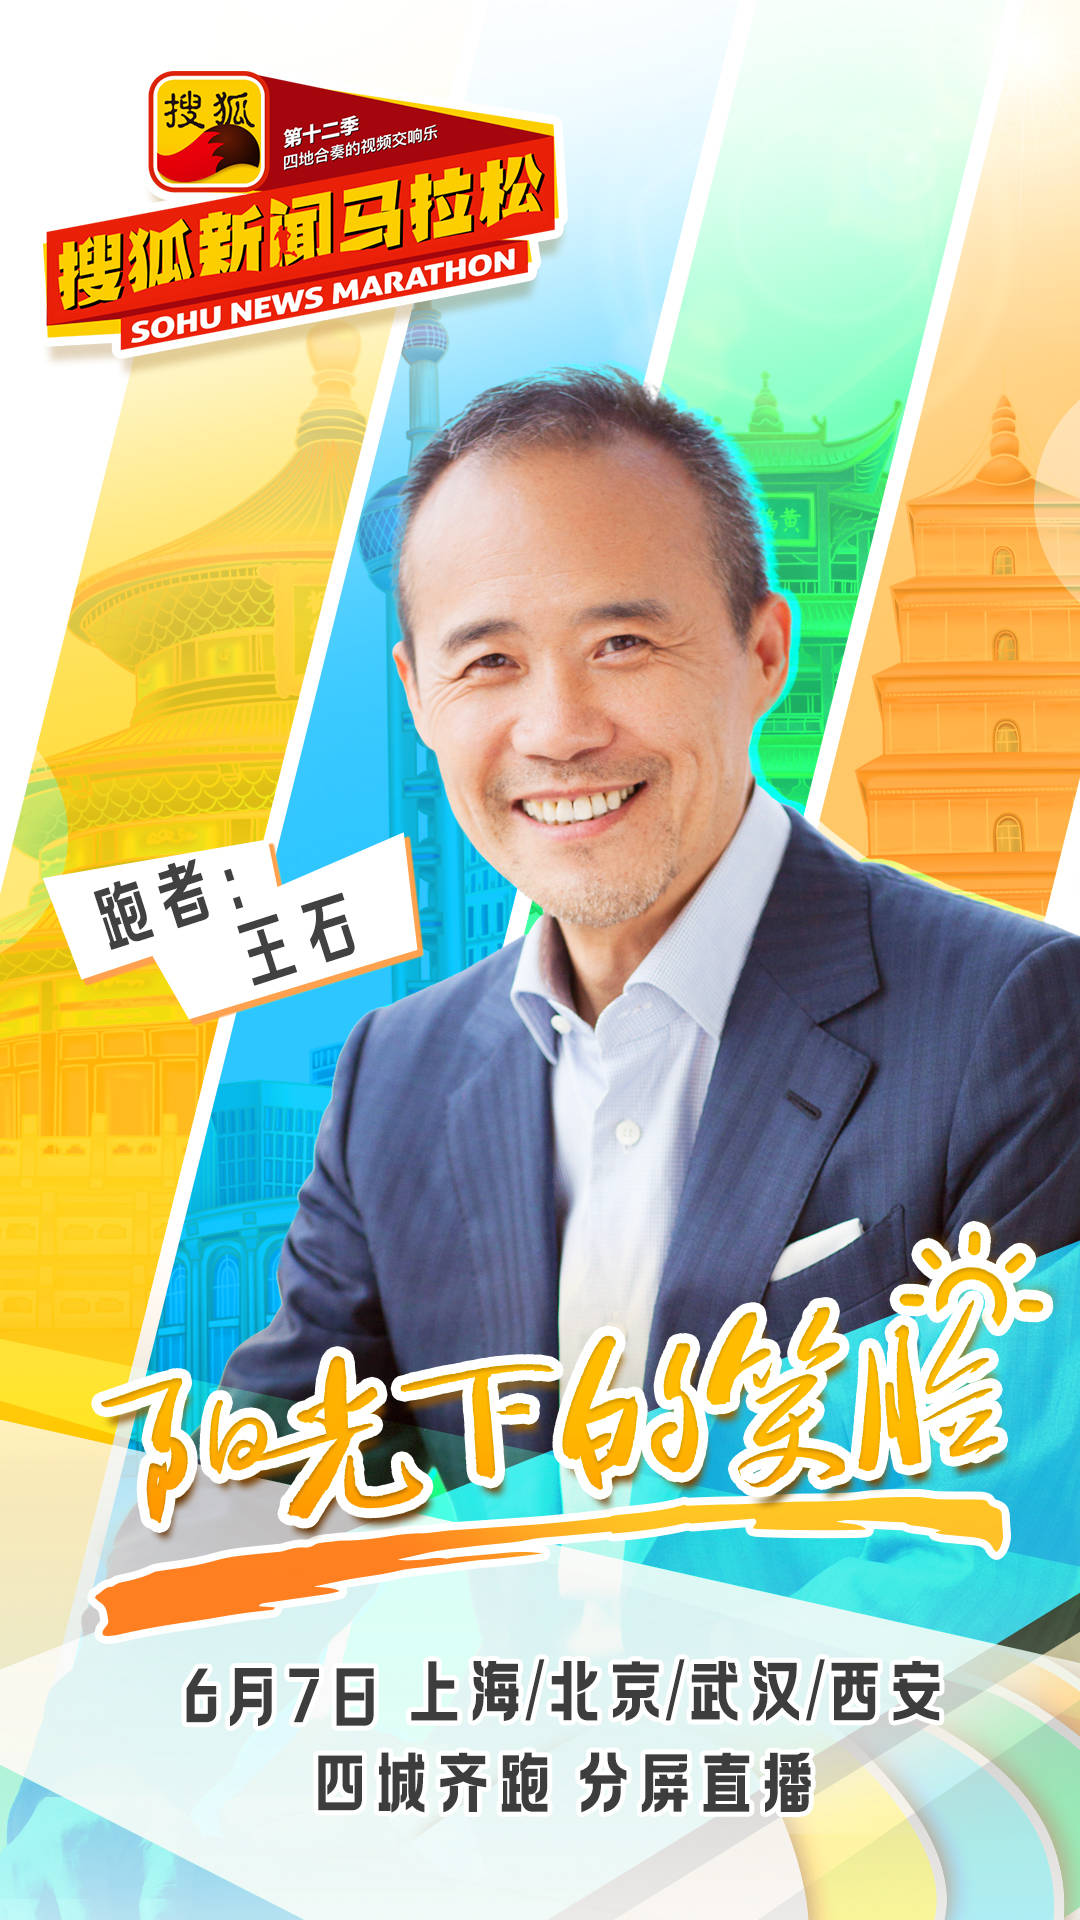 搜狐新闻马拉松